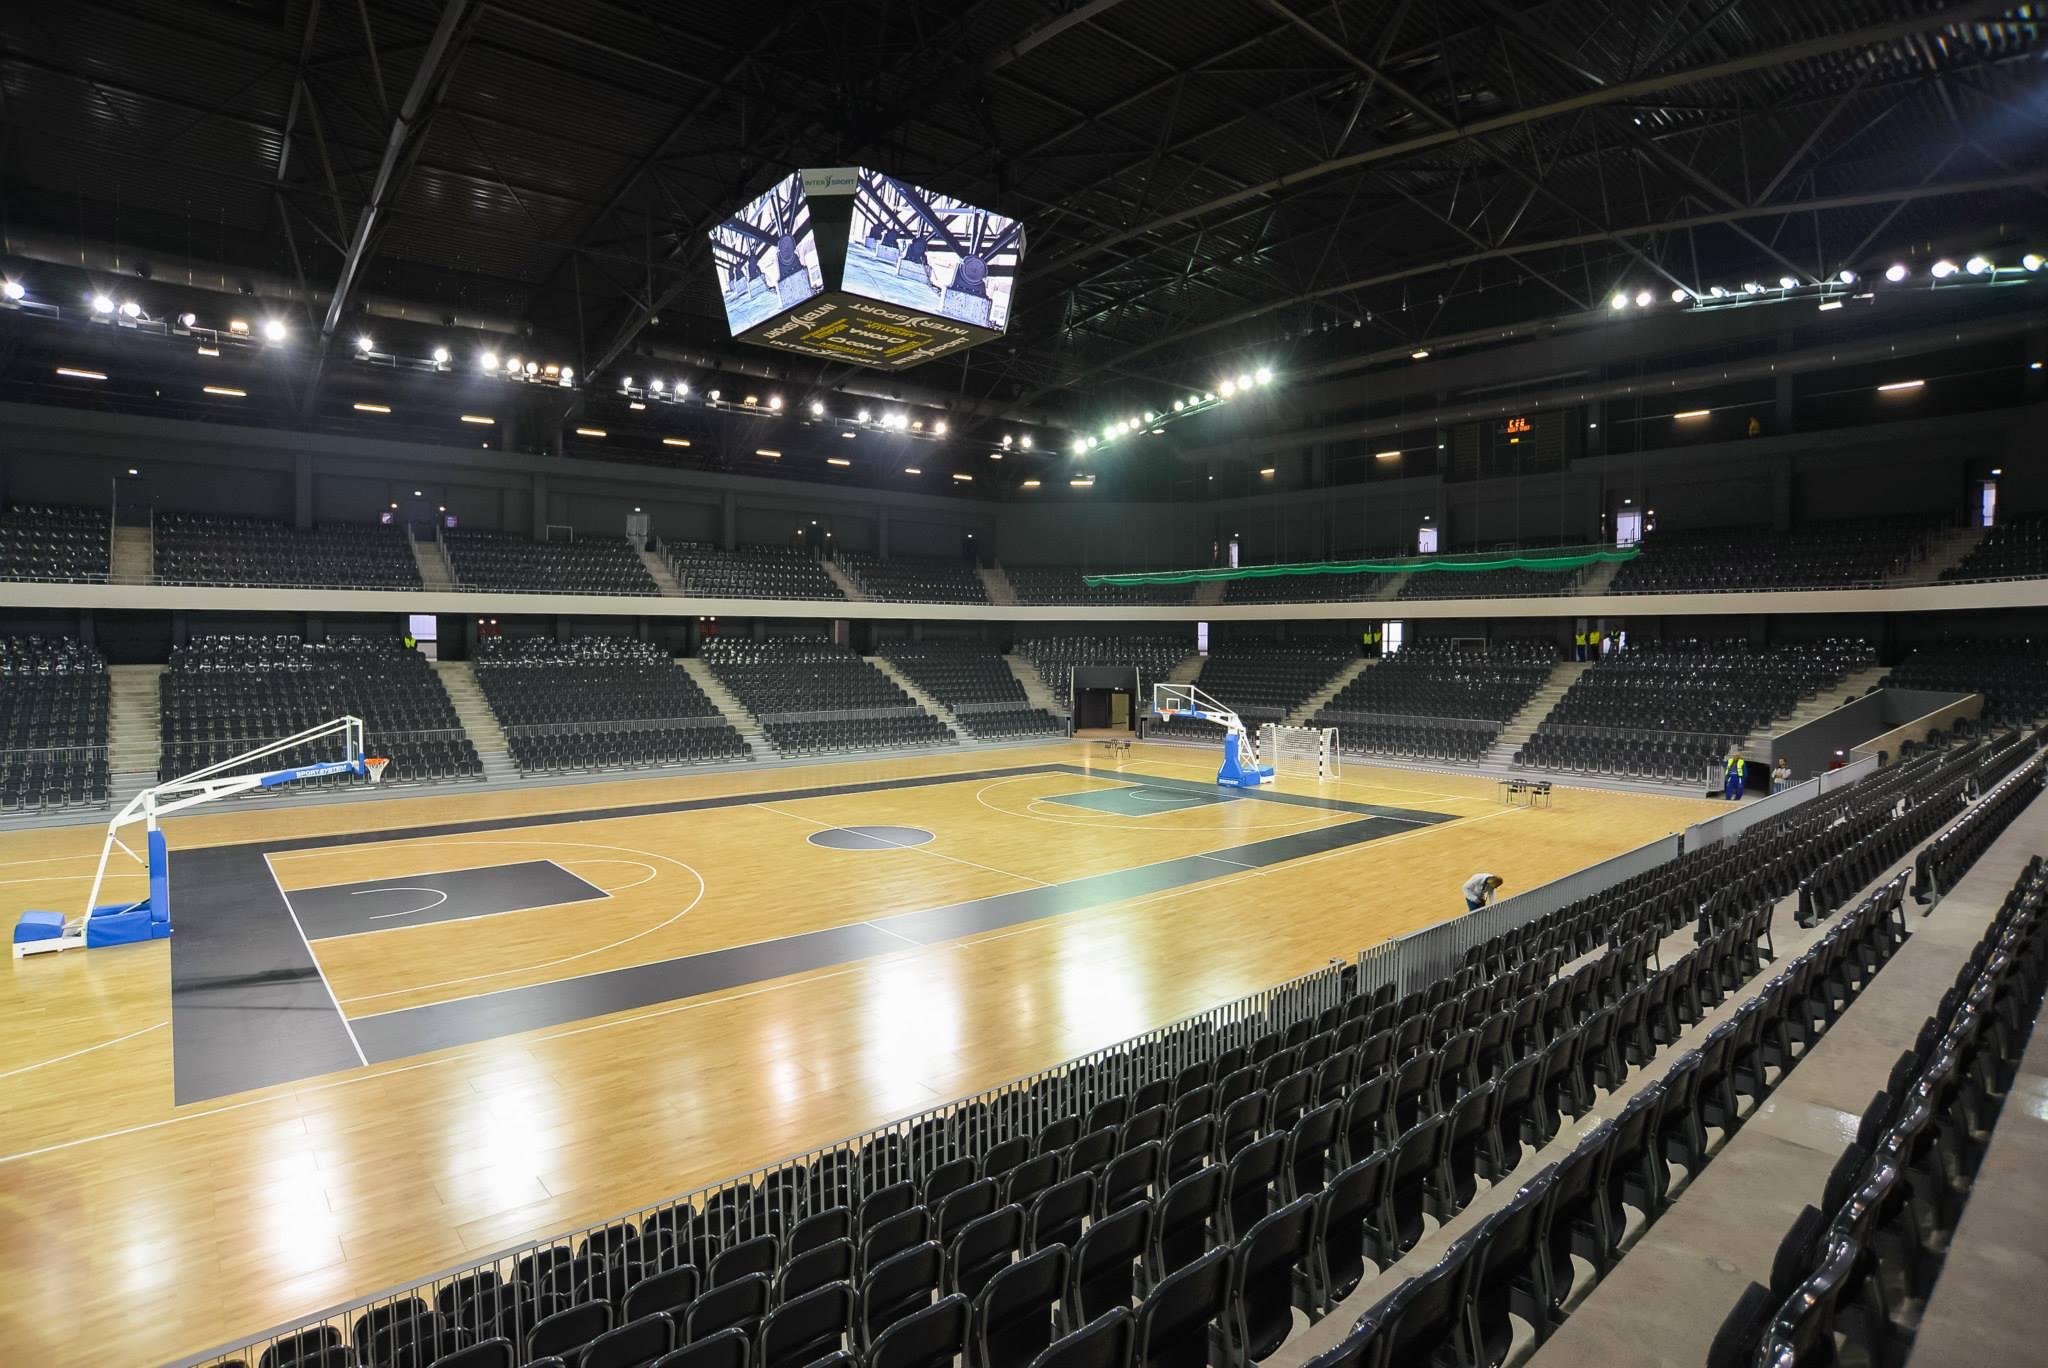 500 de elevi din Cluj vor beneficia de un card de acces gratuit la meciurile de handbal și baschet din Sala Polivalentă